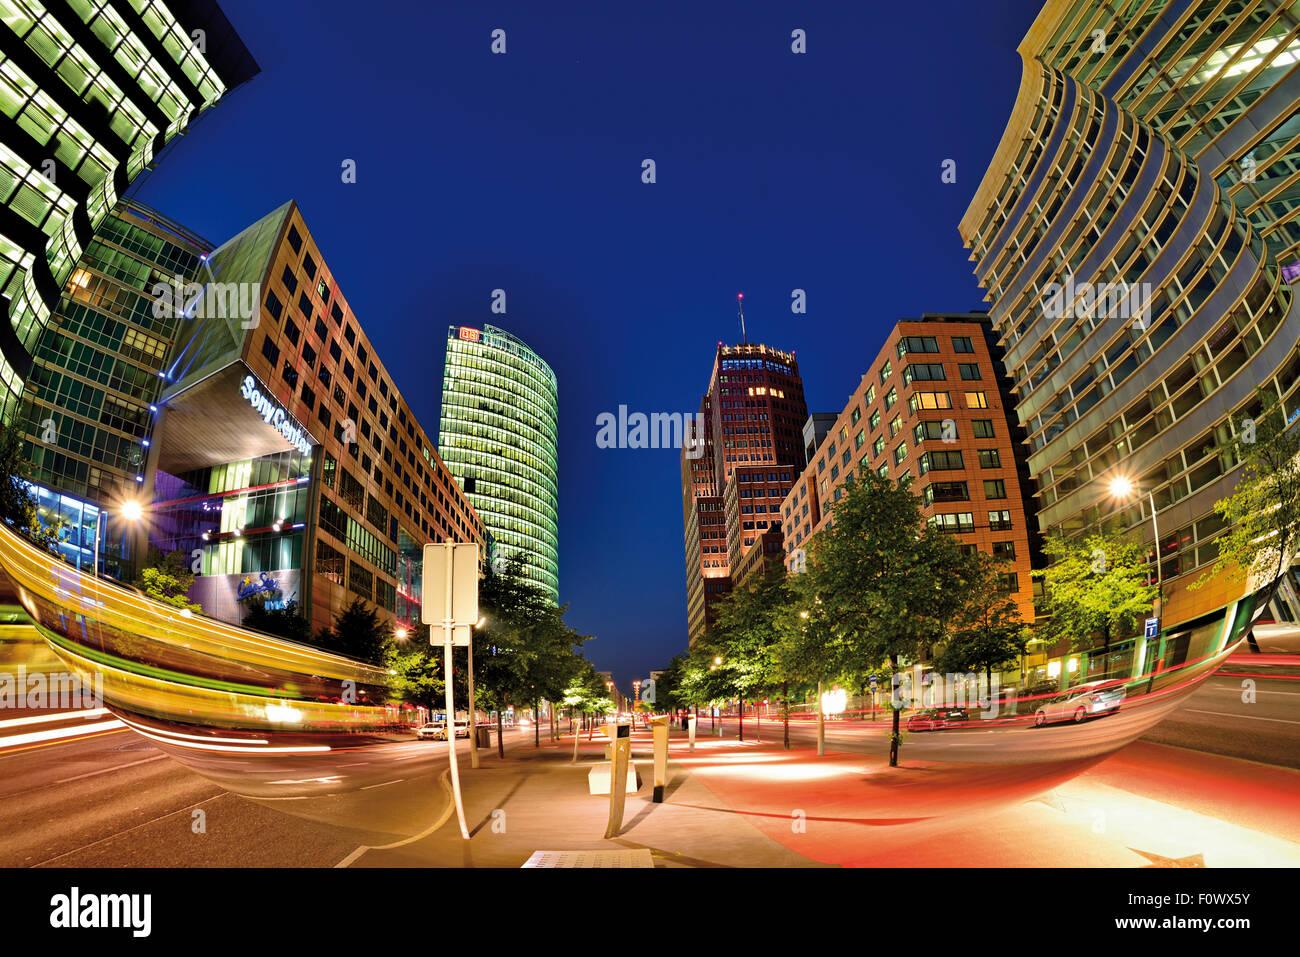 Alemania, Berlín: Arquitectura contemporánea en la Potsdamer Platz de noche Imagen De Stock